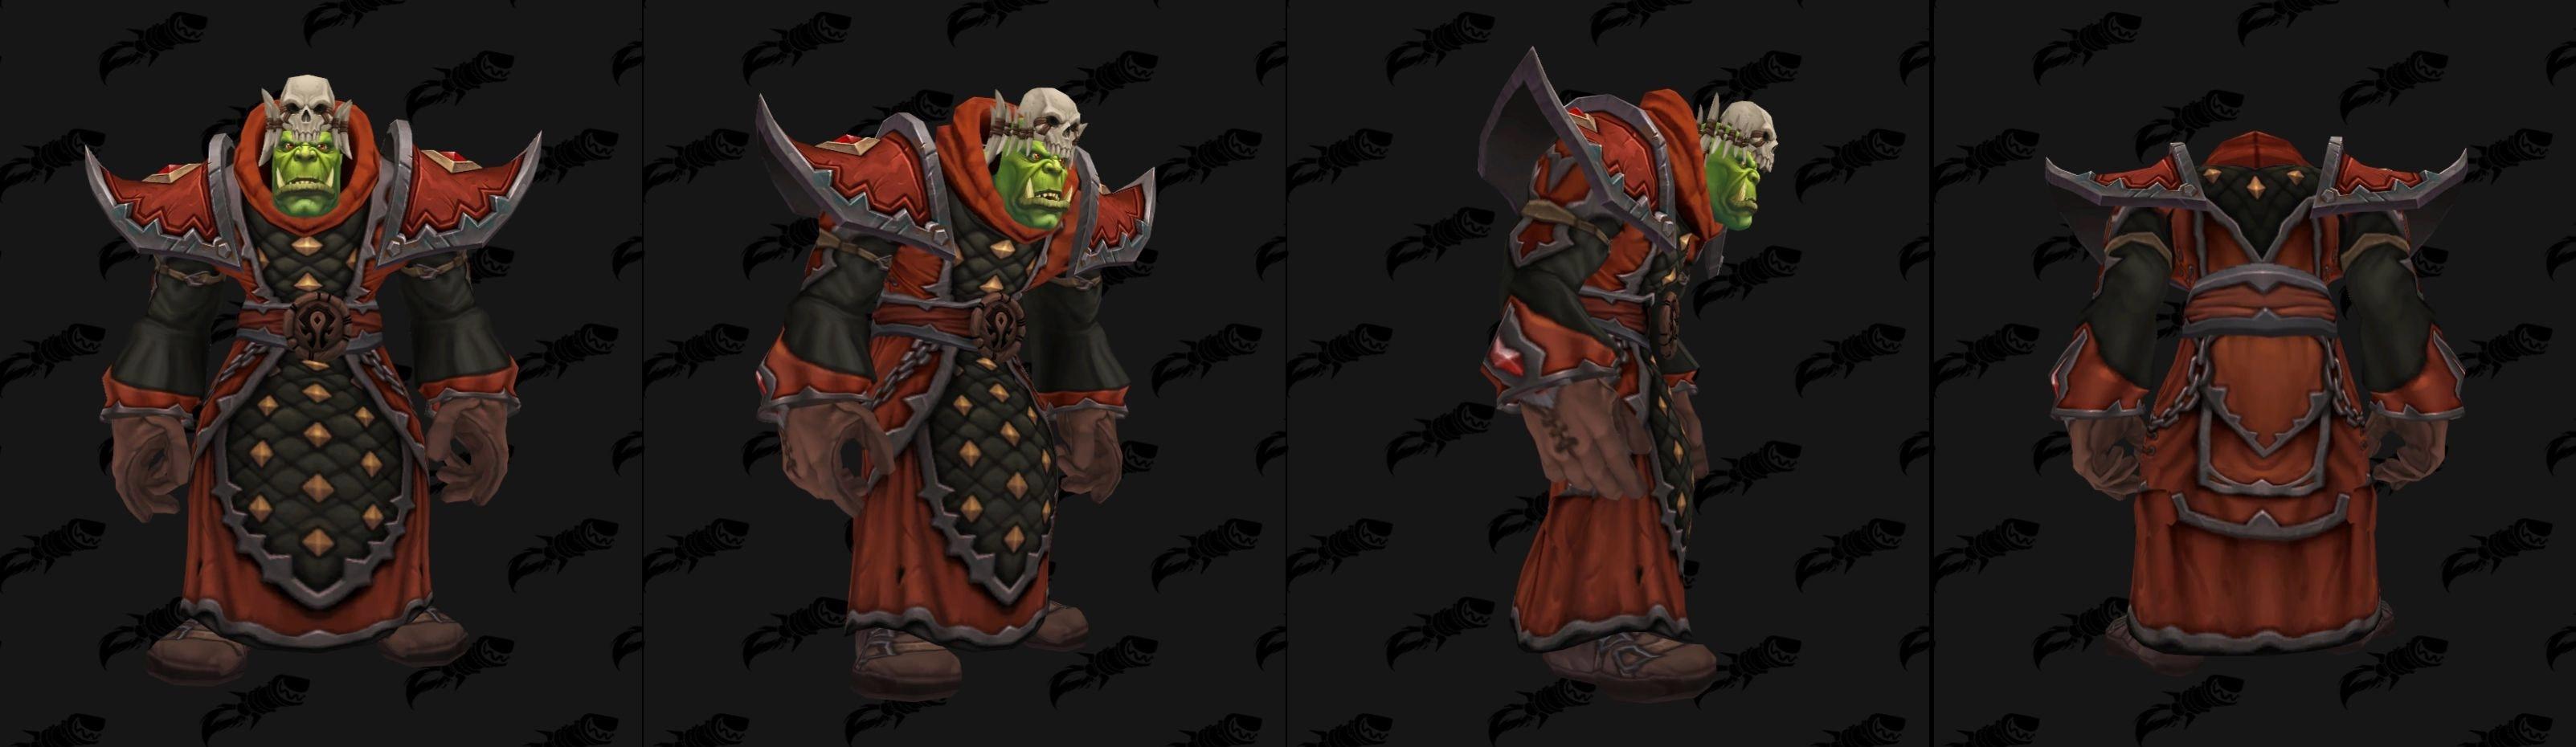 Armures tissu (Horde) - Fronts de guerre Tier 1 - Coloris 1